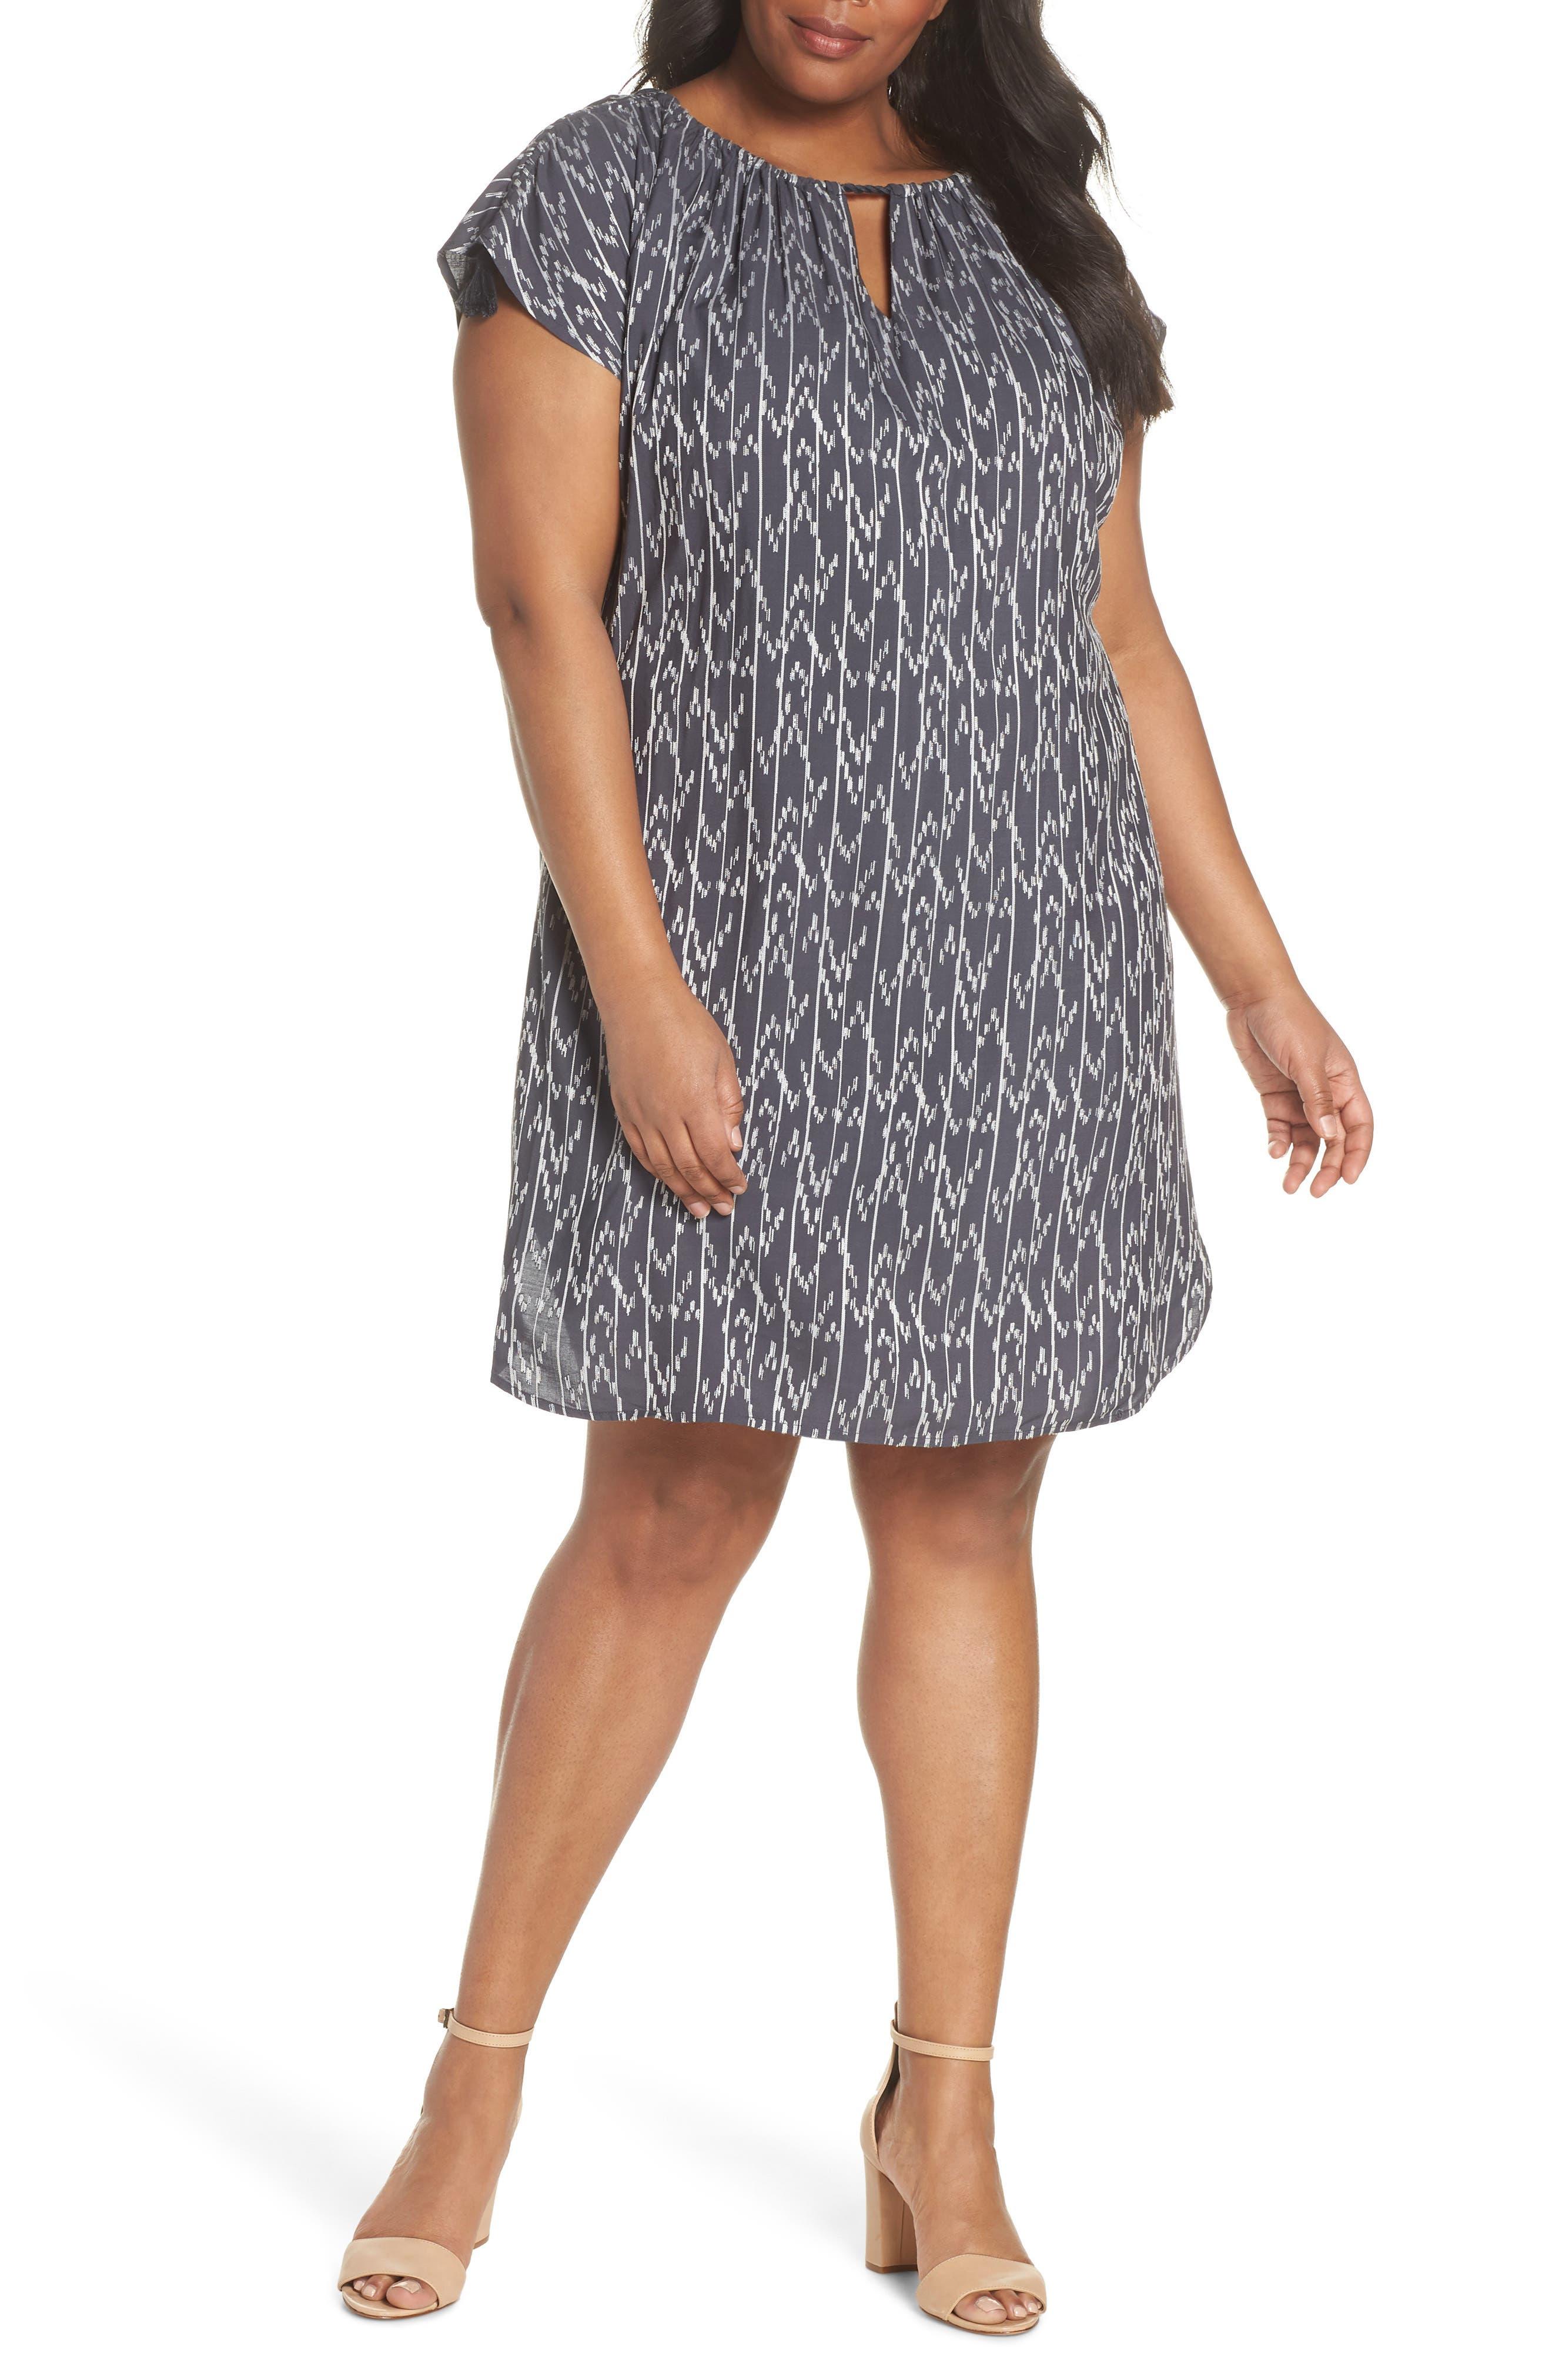 Market Shift Dress,                             Main thumbnail 1, color,                             Multi